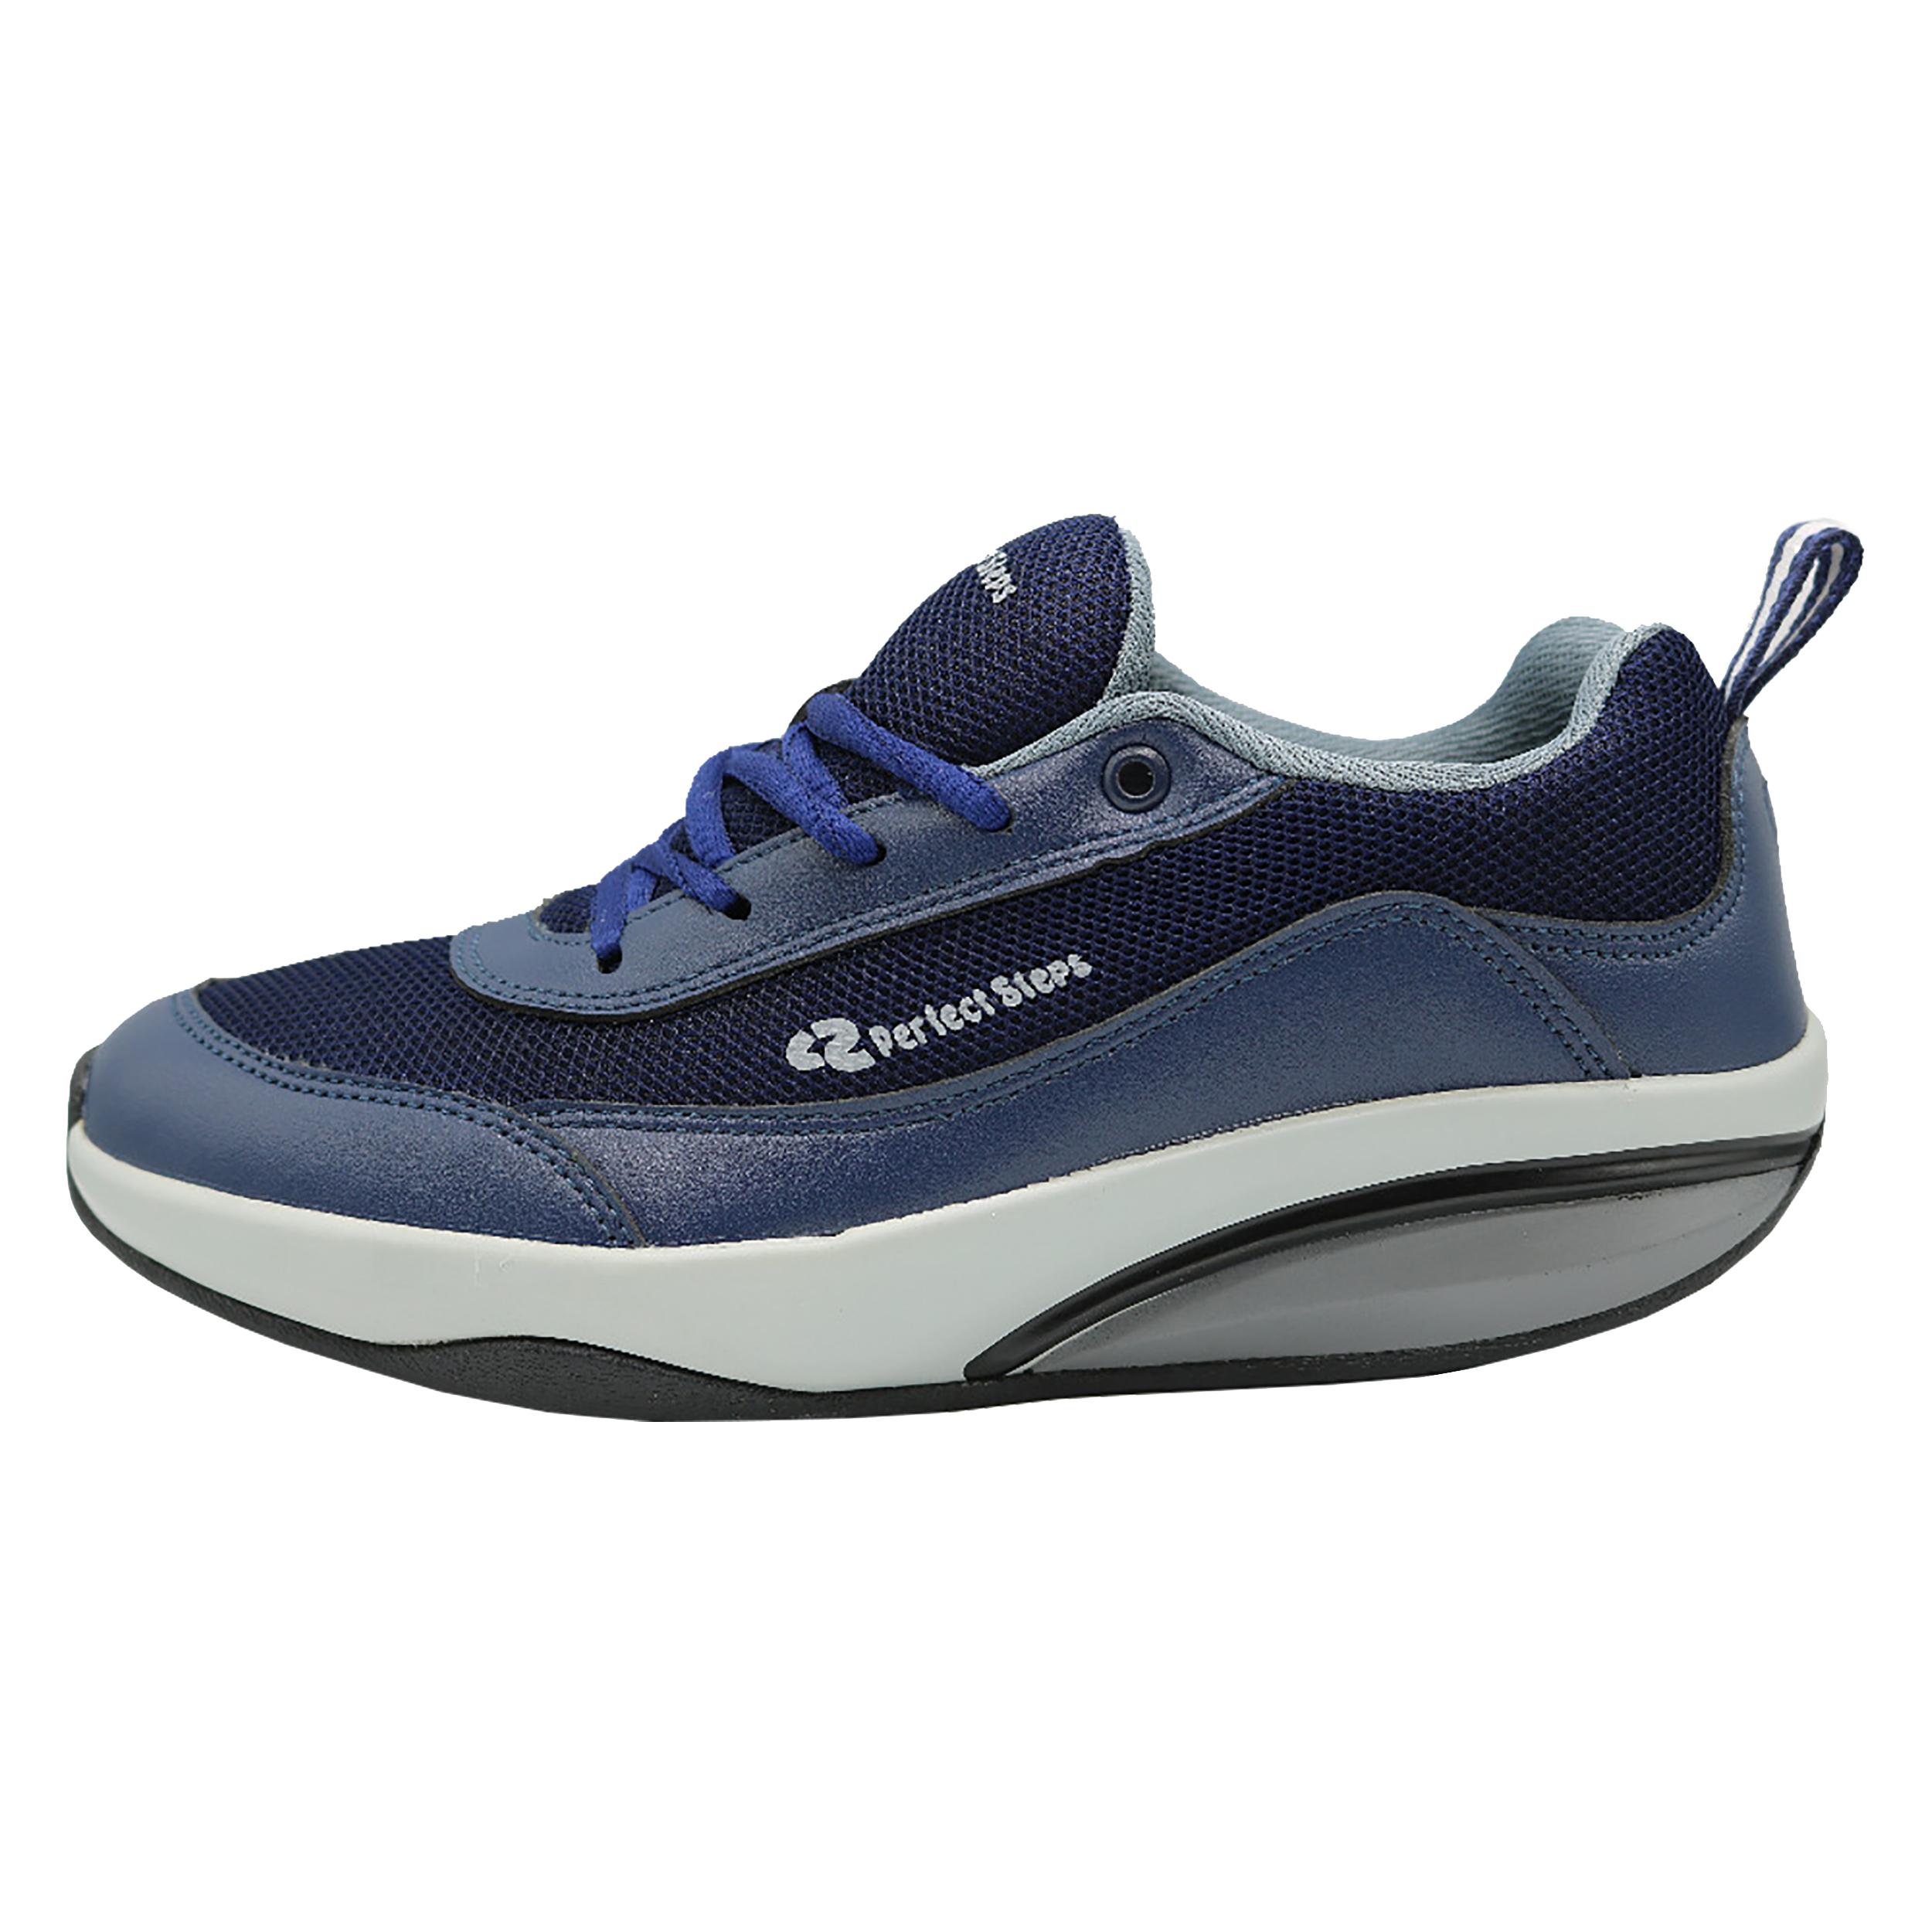 کفش مخصوص پیاده روی مردانه پرفکت استپس مدل نیوآرمیس Db thumb